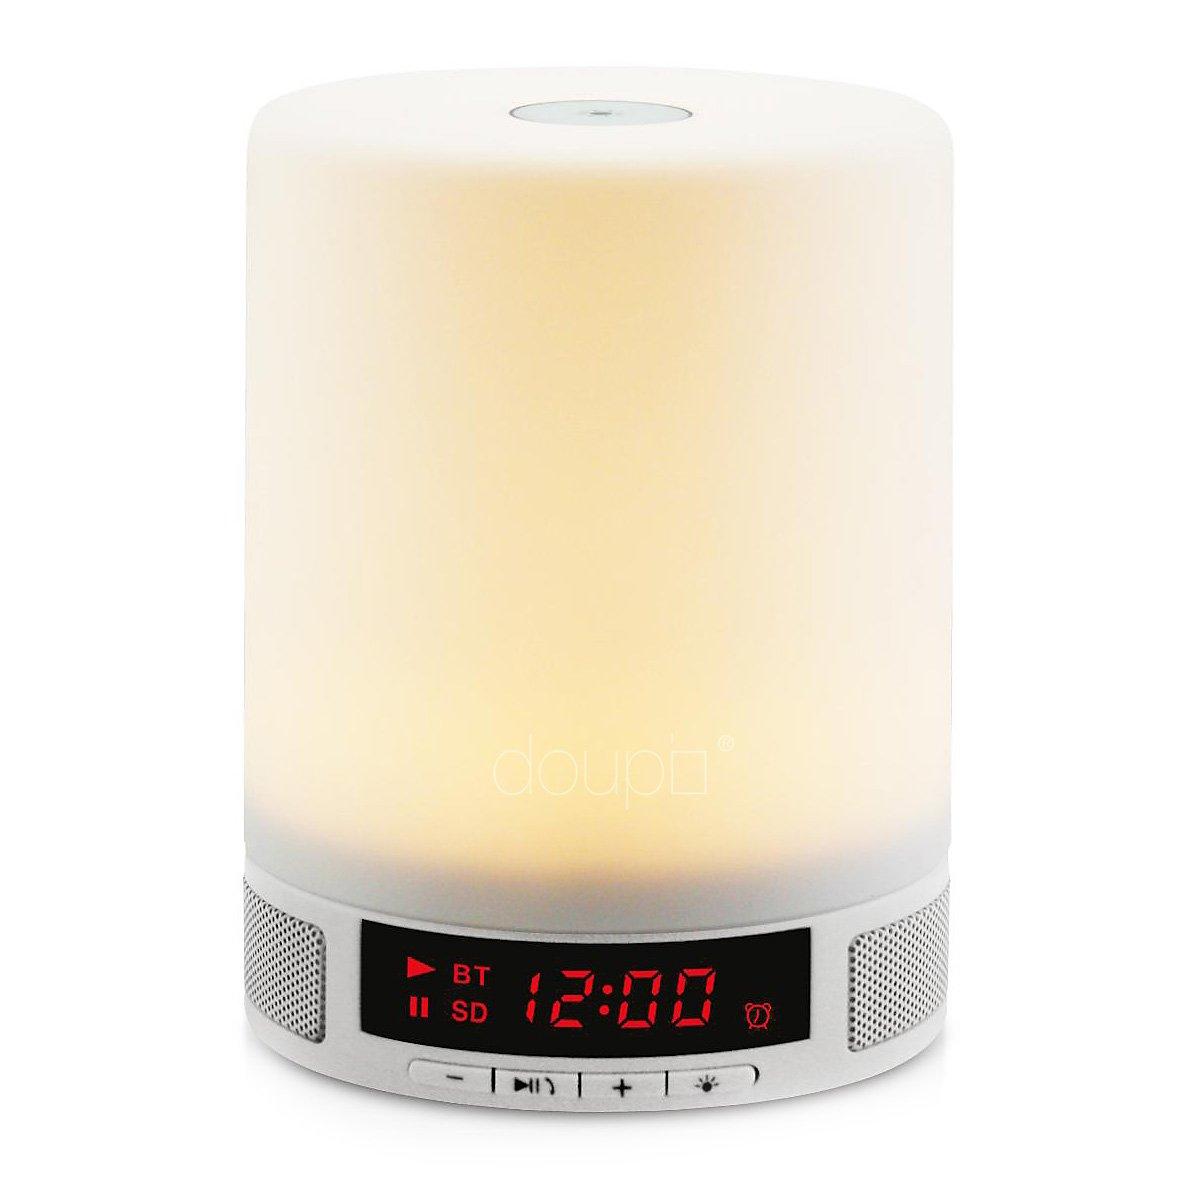 doupi Touch Lighting Bluetooth Speaker LED Nachtlicht Helligkeit einstellbar mit Lautsprecher Multi Funktion CDEX GmbH D5-A015